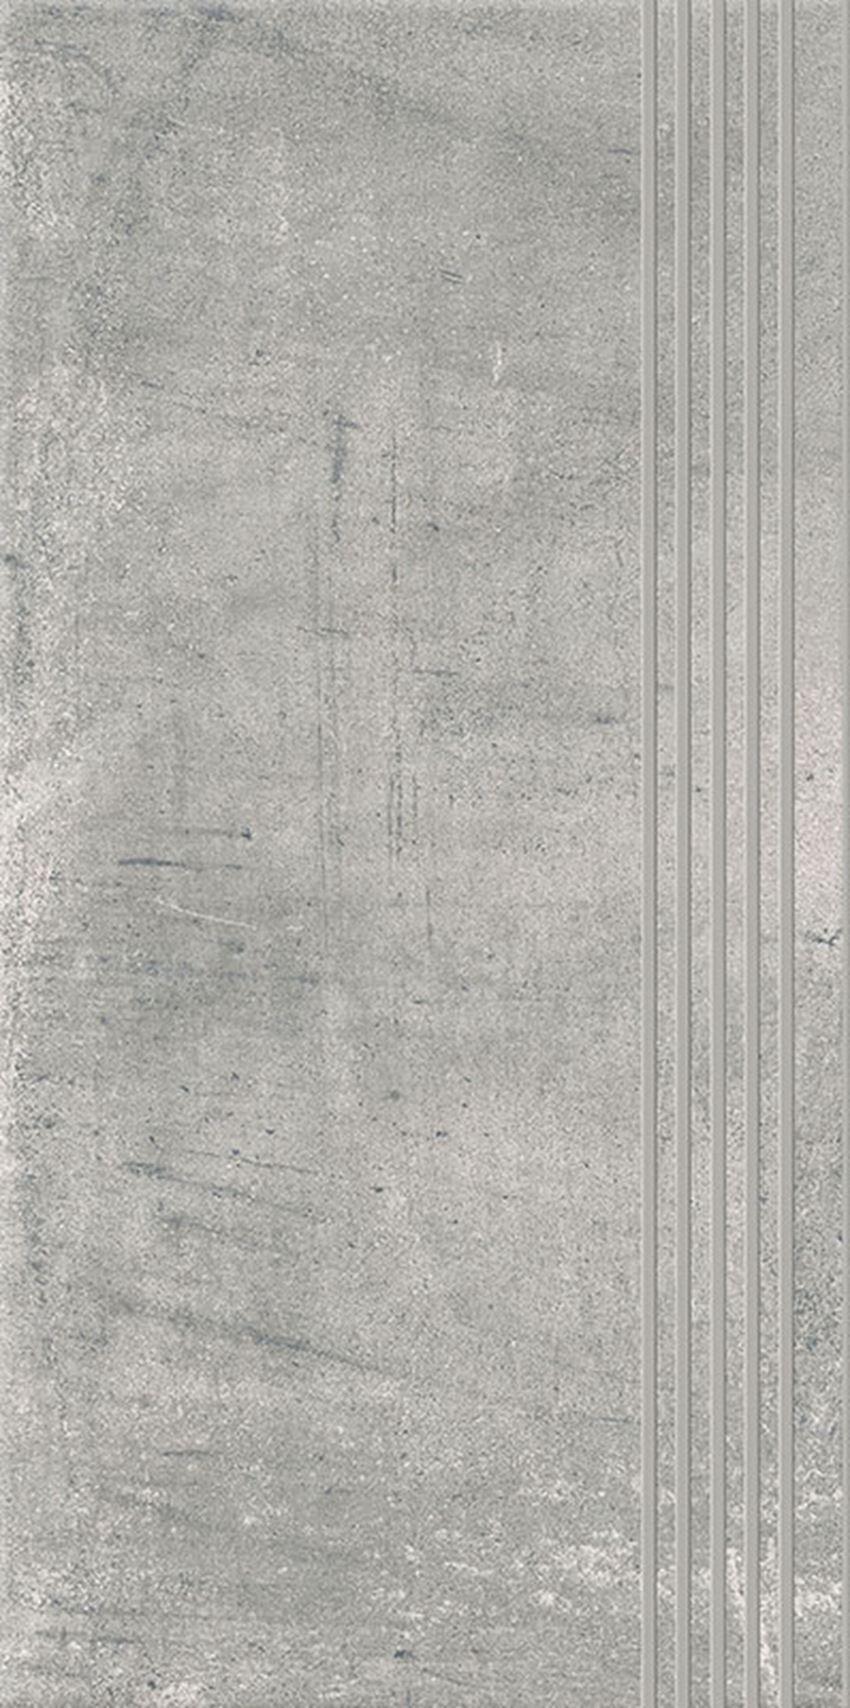 Płytka stopnicowa 29,8x59,8 cm Paradyż Hybrid Stone Grys Stopnica Prosta Nacinana